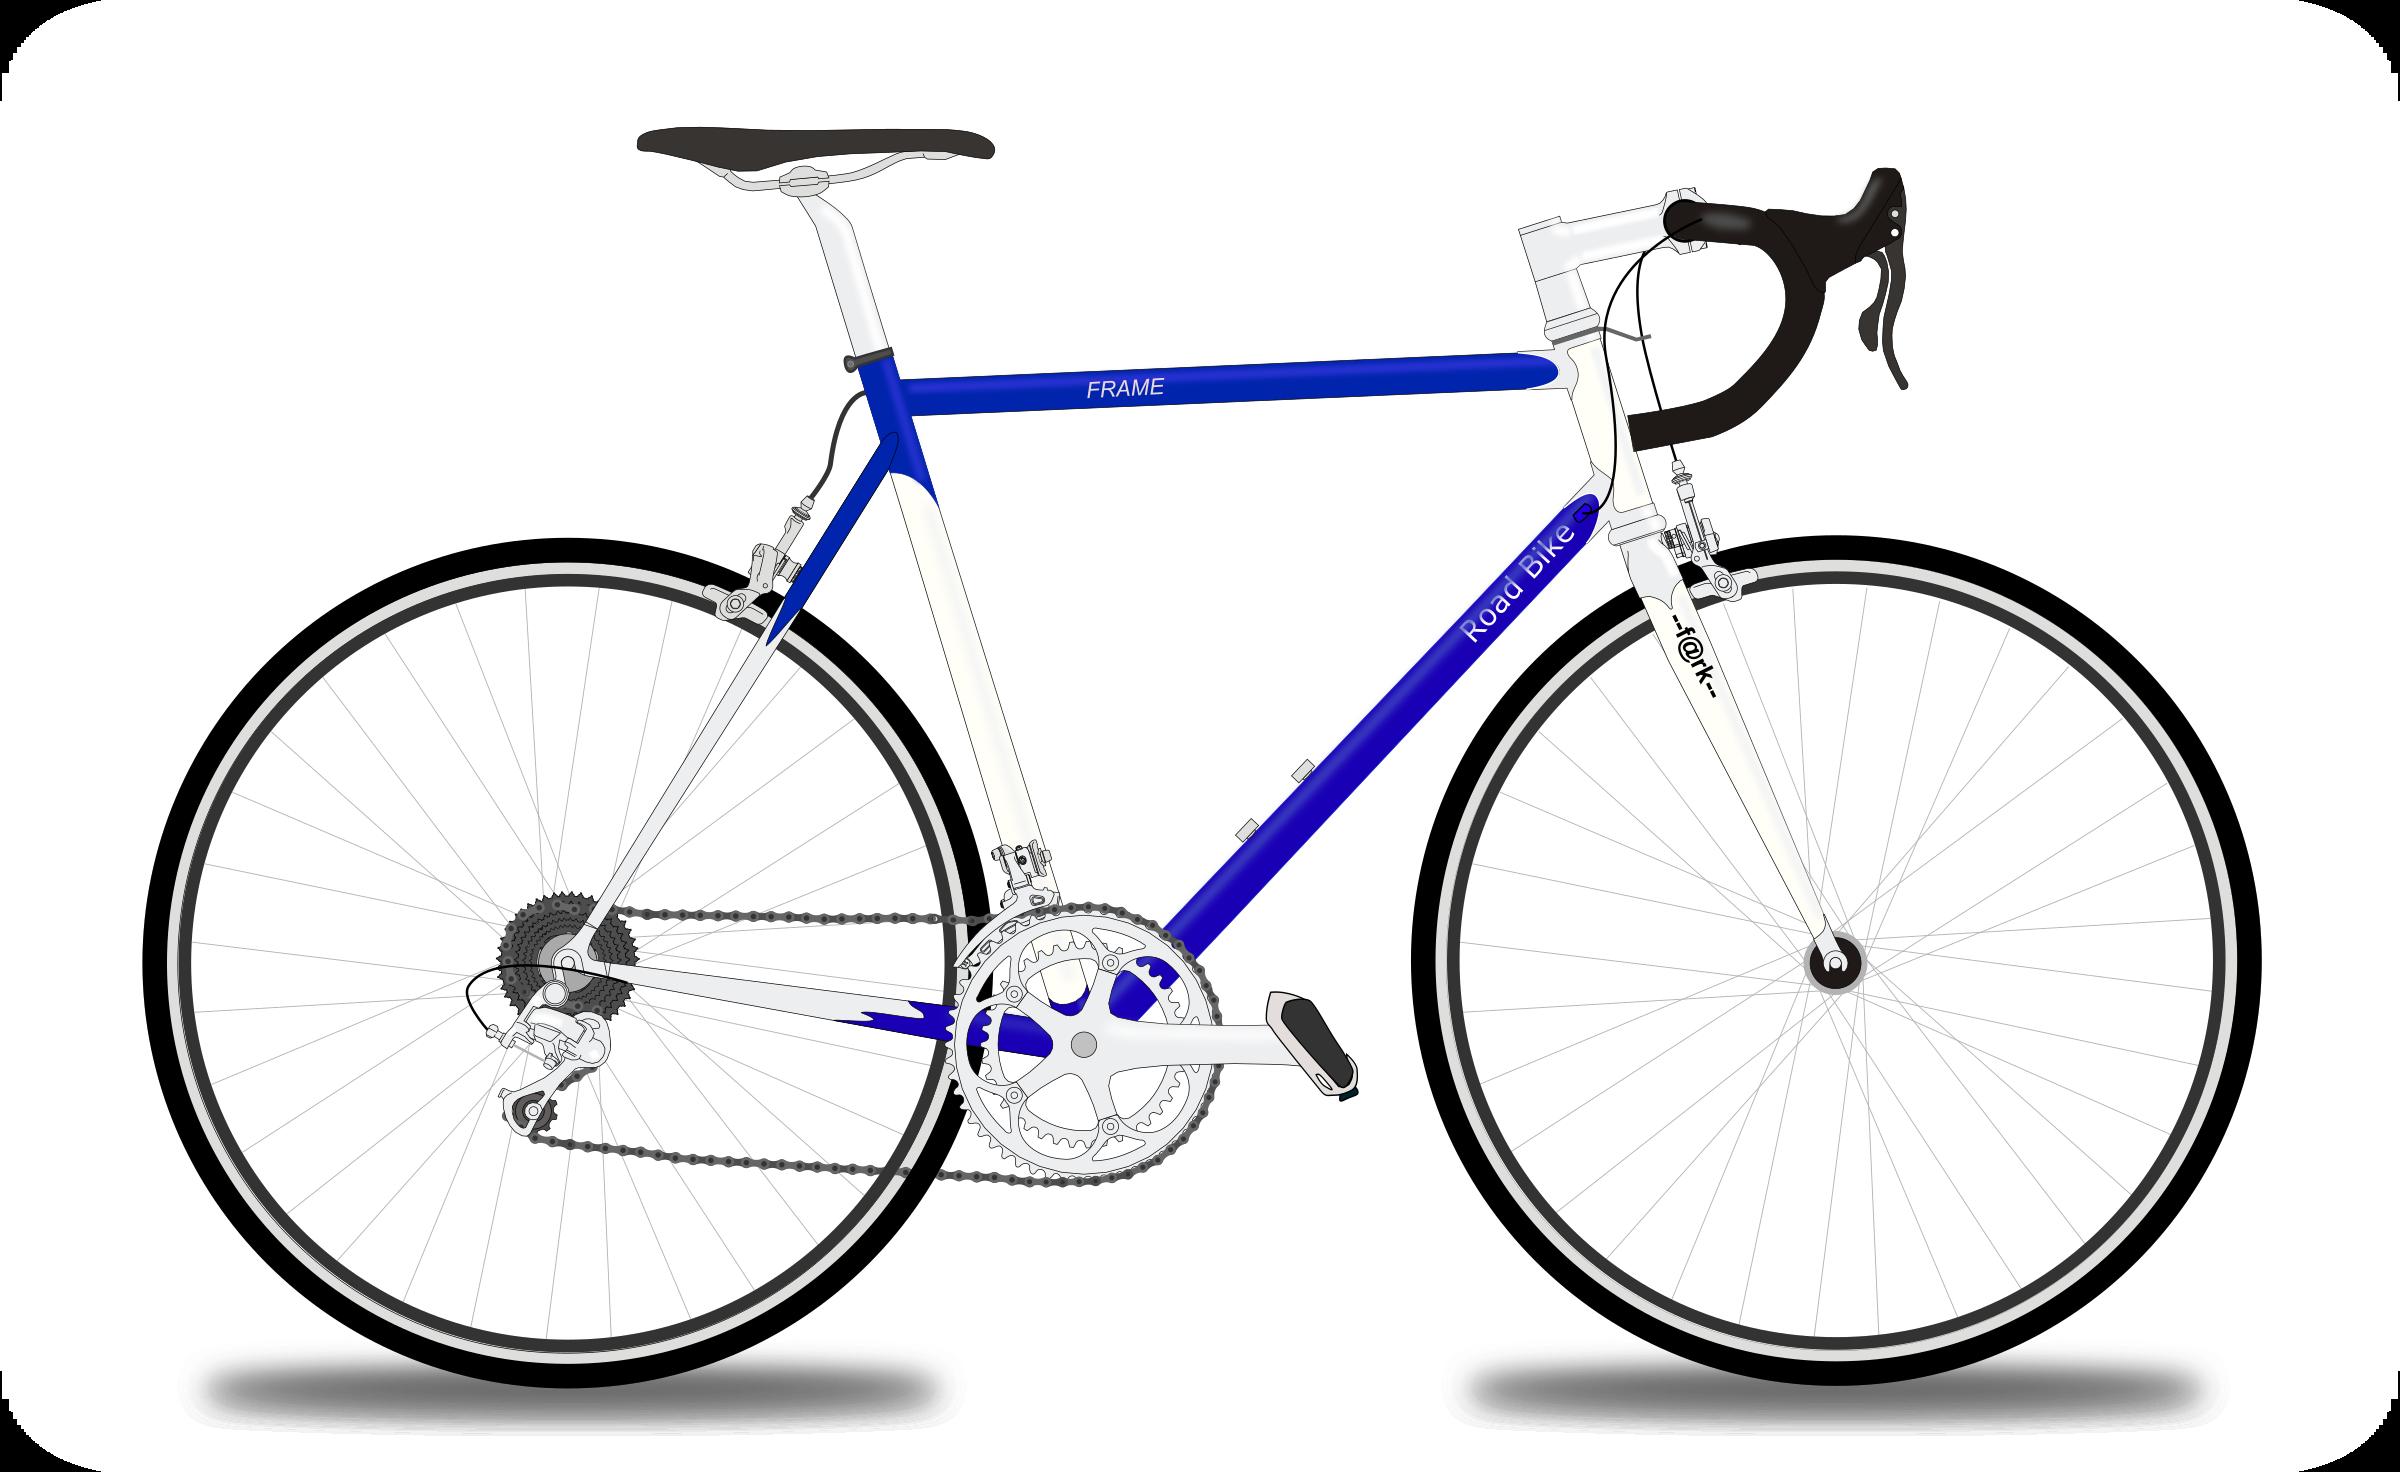 Big image png. Bike clipart road bike